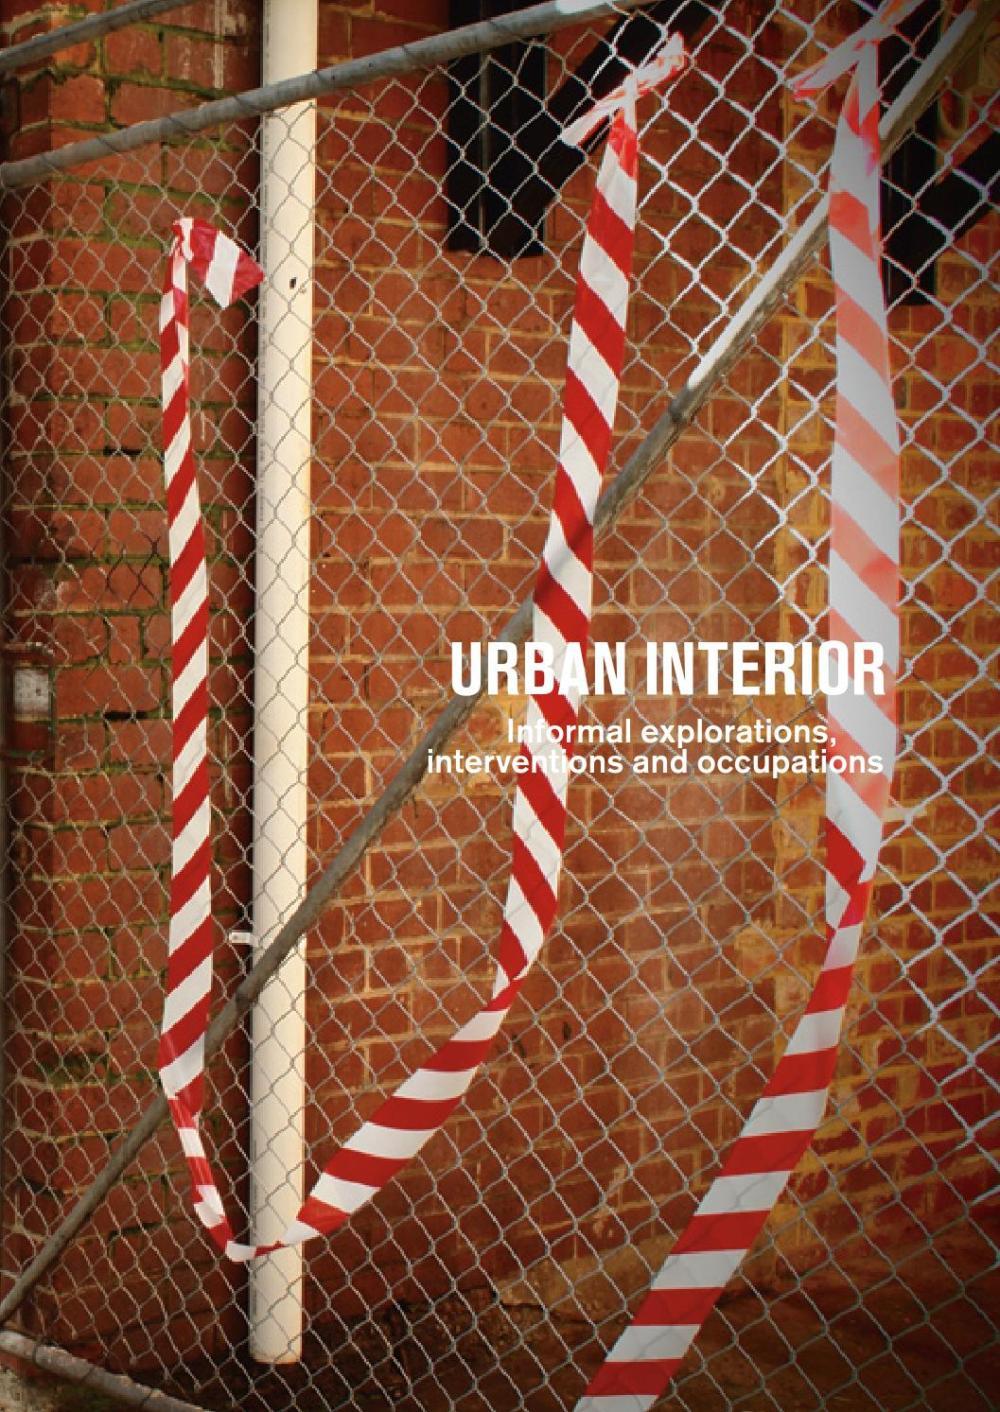 URBAN INTERIOR